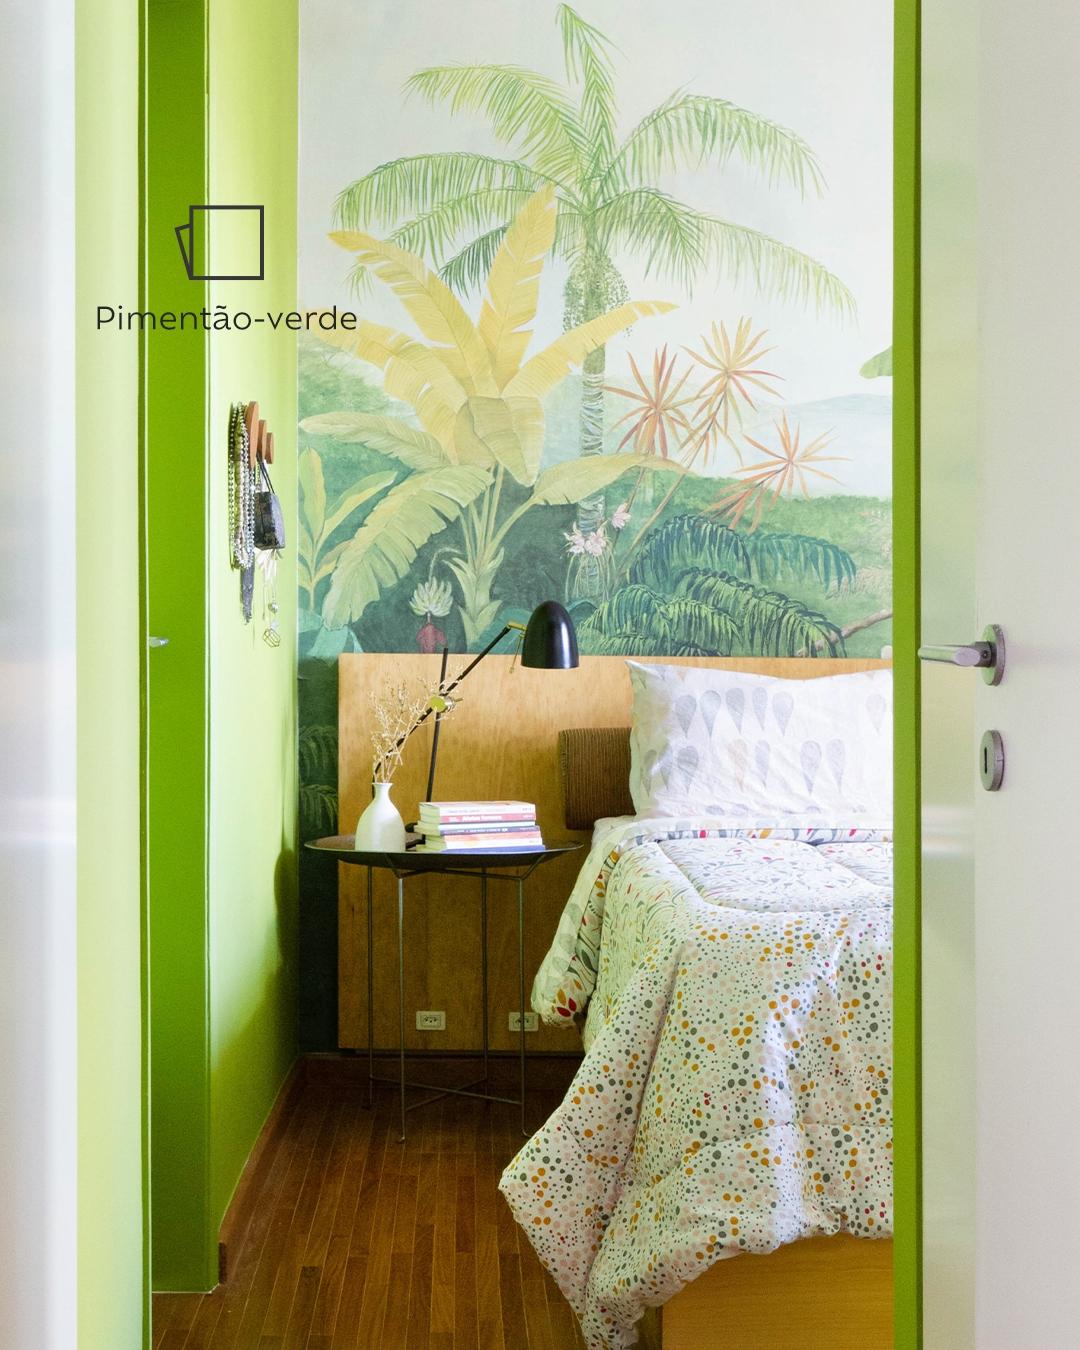 Temos a foto da parte superior da cama de Joana vista pelo lado direito, focando na parede ao lado da cama com a cor Pimentão-verde e um ícone de cor.